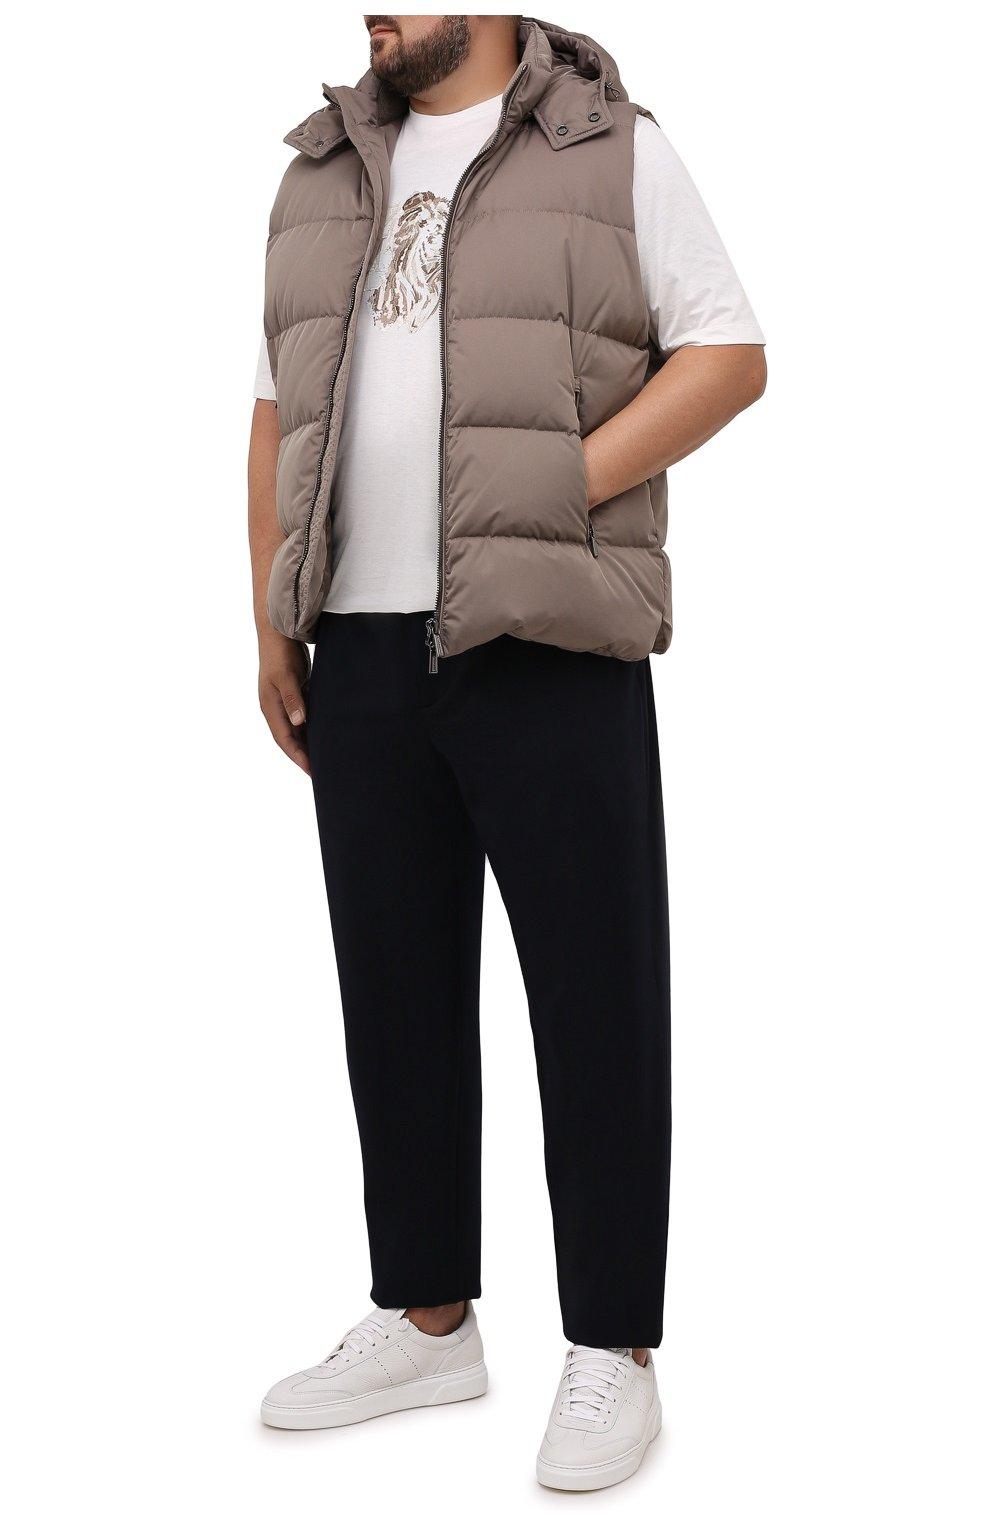 Мужской пуховый жилет fayer-wk MOORER серого цвета, арт. FAYER-WK/M0UGI100180-TEPA022/60-68 | Фото 2 (Кросс-КТ: Куртка, Пуховик; Материал внешний: Синтетический материал; Материал подклада: Синтетический материал; Длина (верхняя одежда): Короткие; Стили: Кэжуэл)